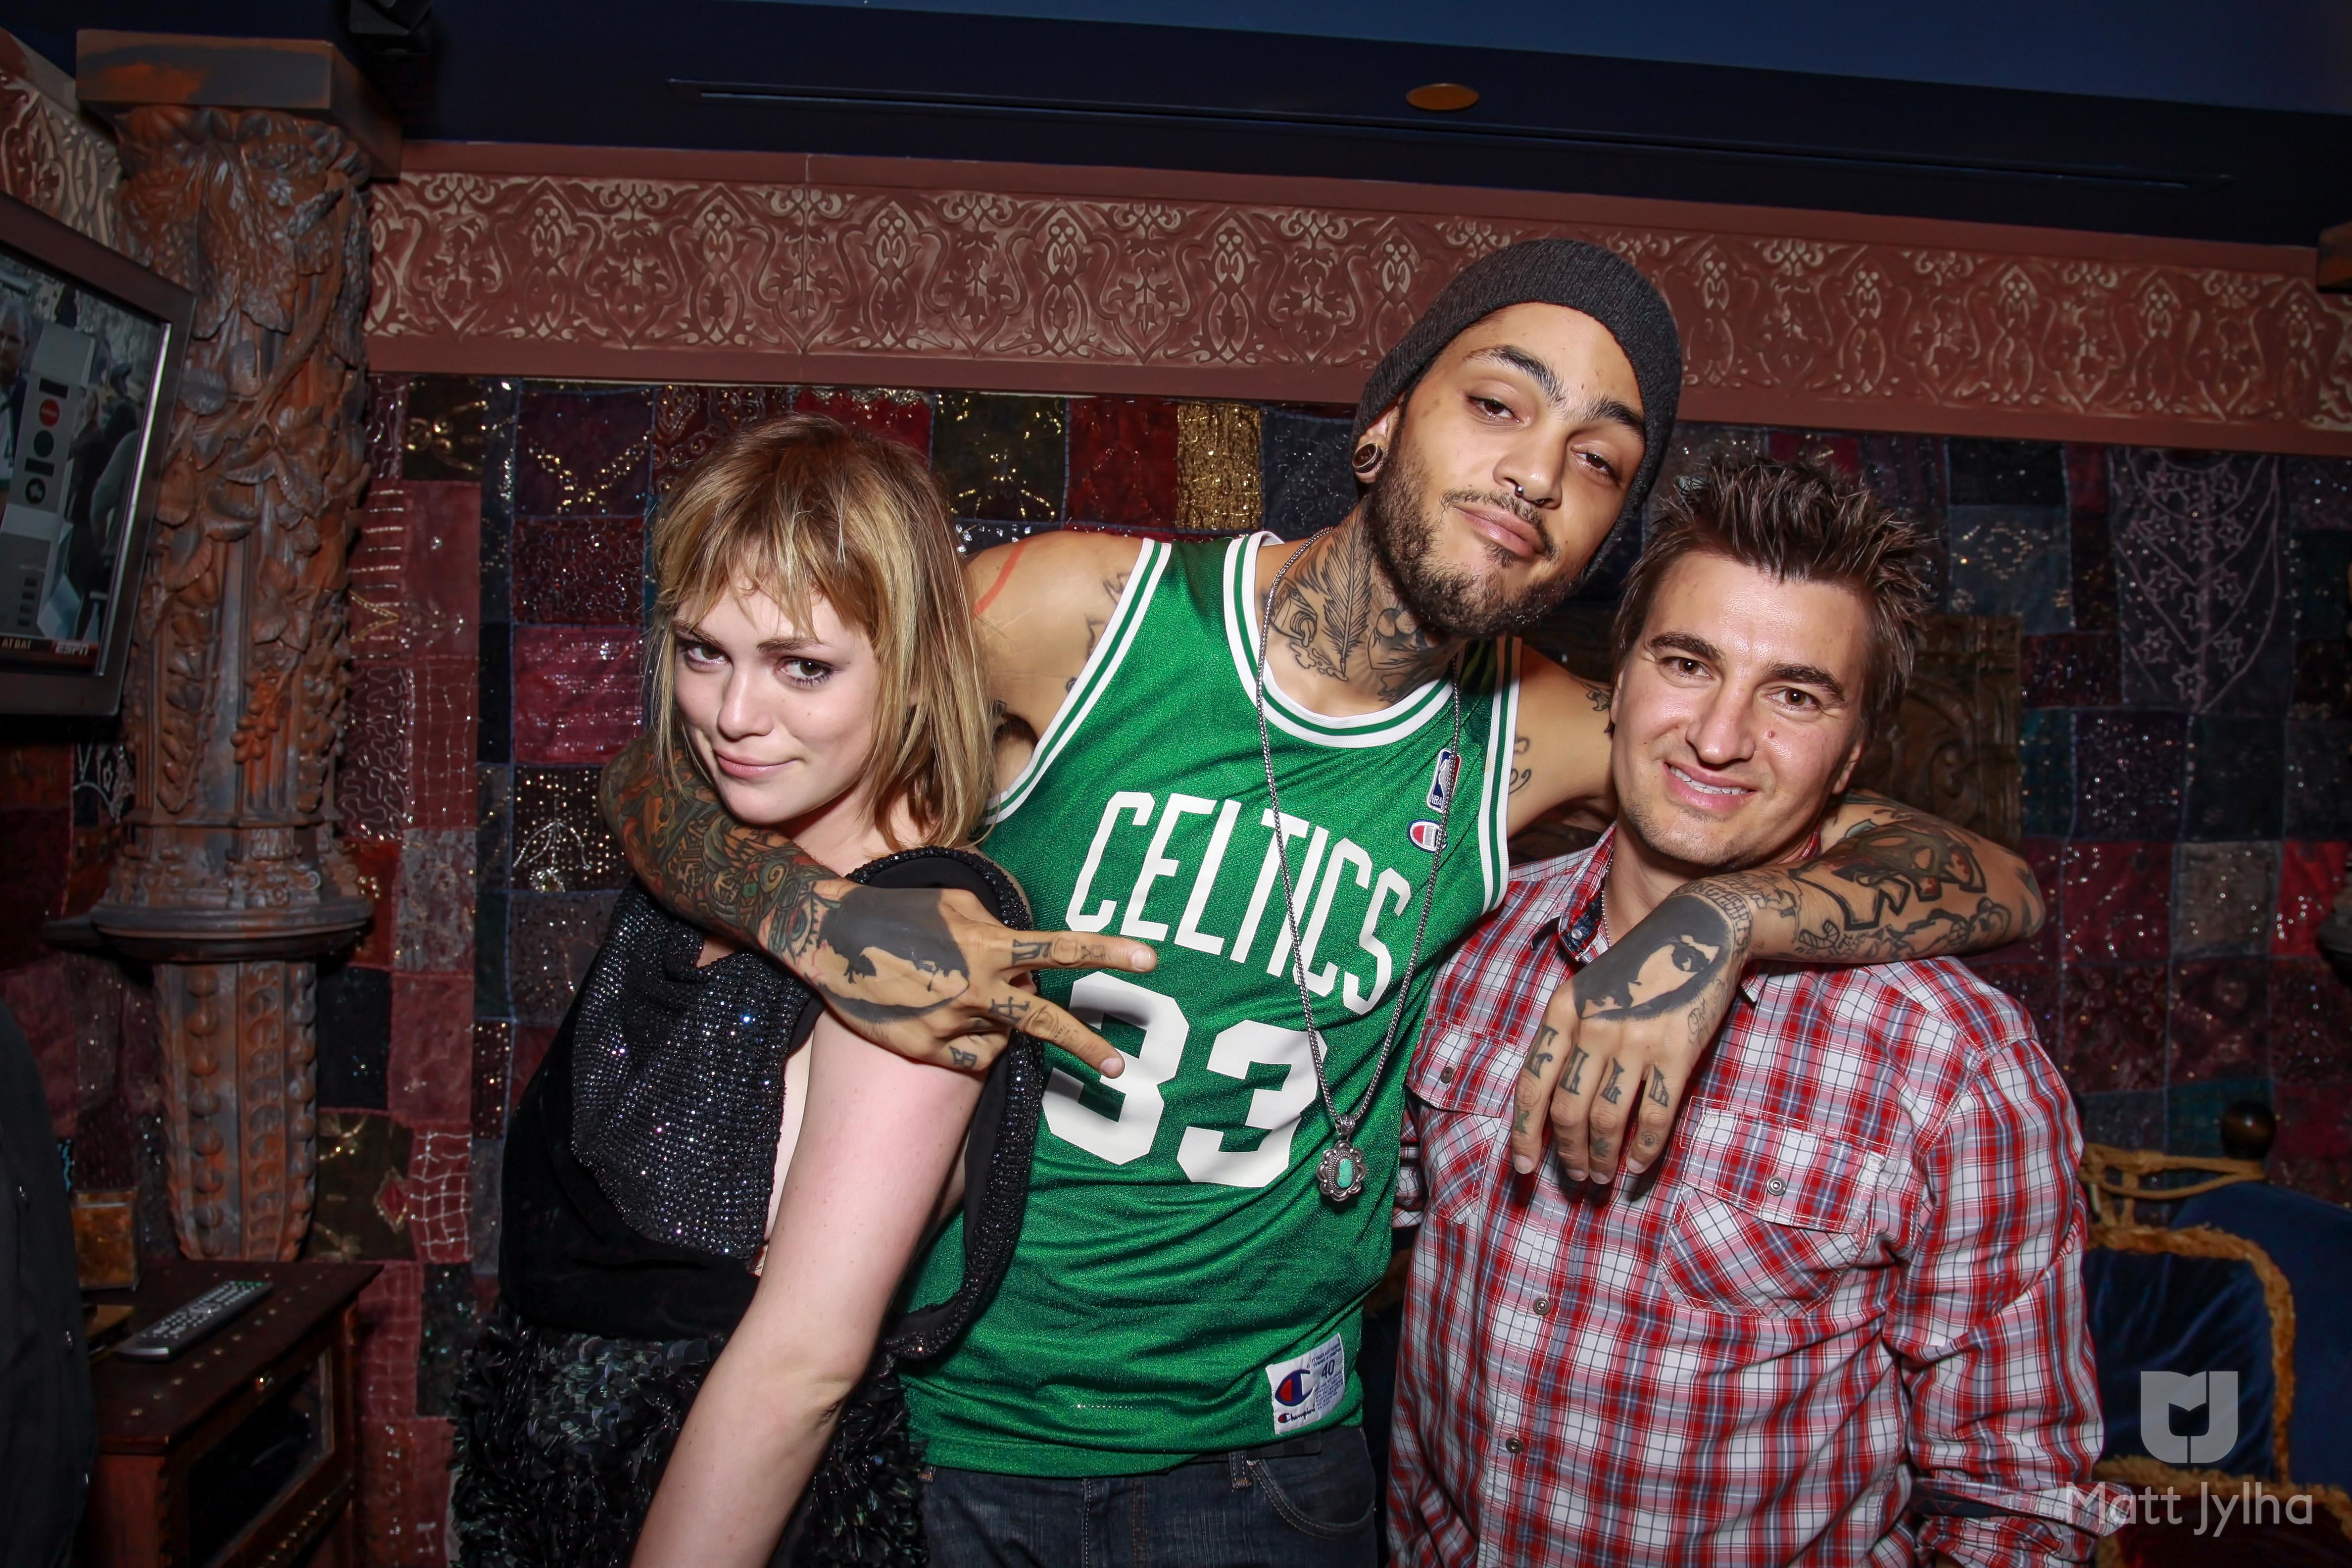 Orlando_Concert_Photographer_Matt_Jylha_008